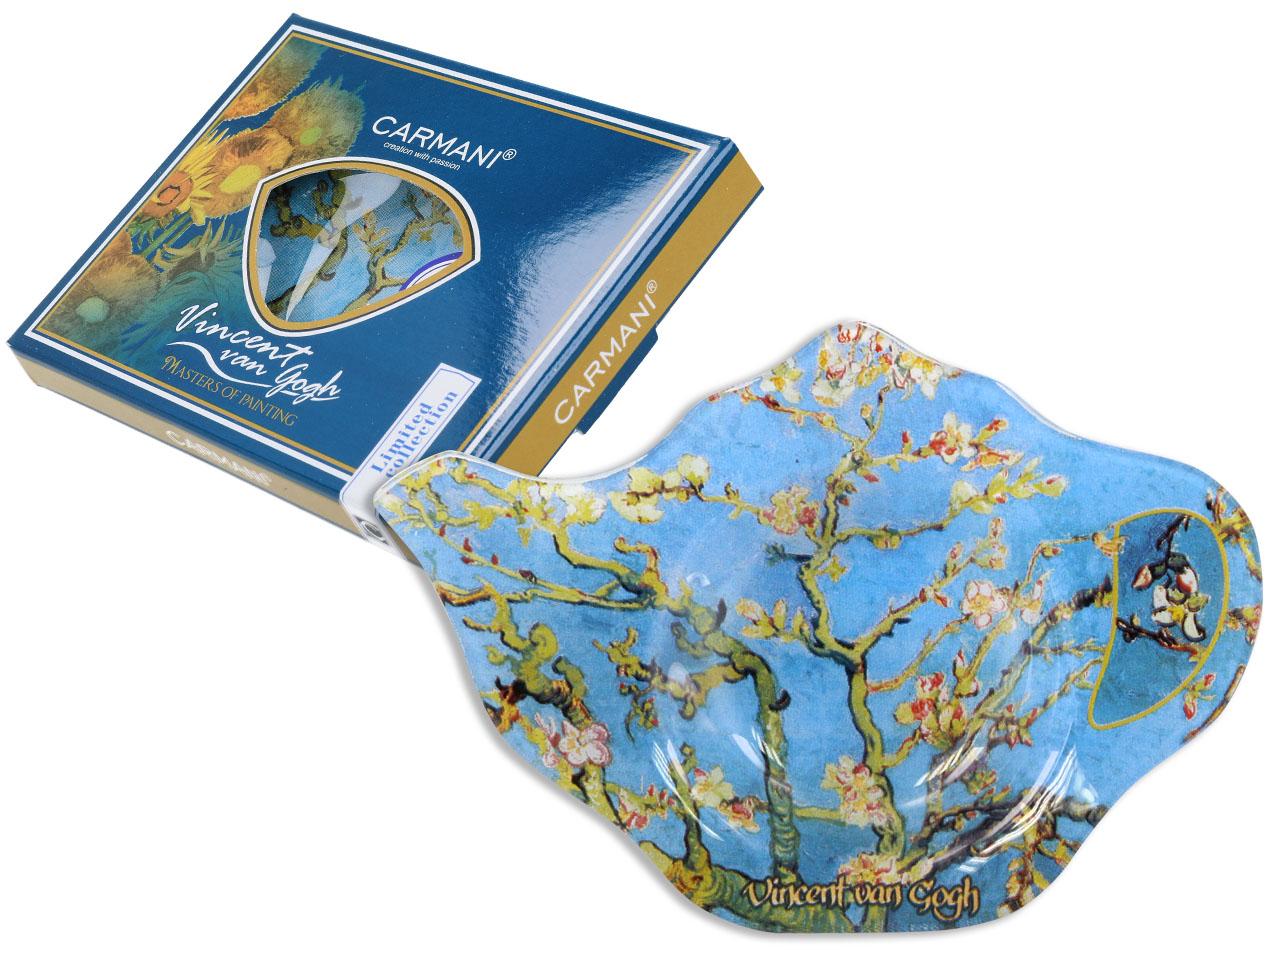 Mestres da pintura - V. Van Gogh - Amendoeira - Pousa saquetas chá Vidro